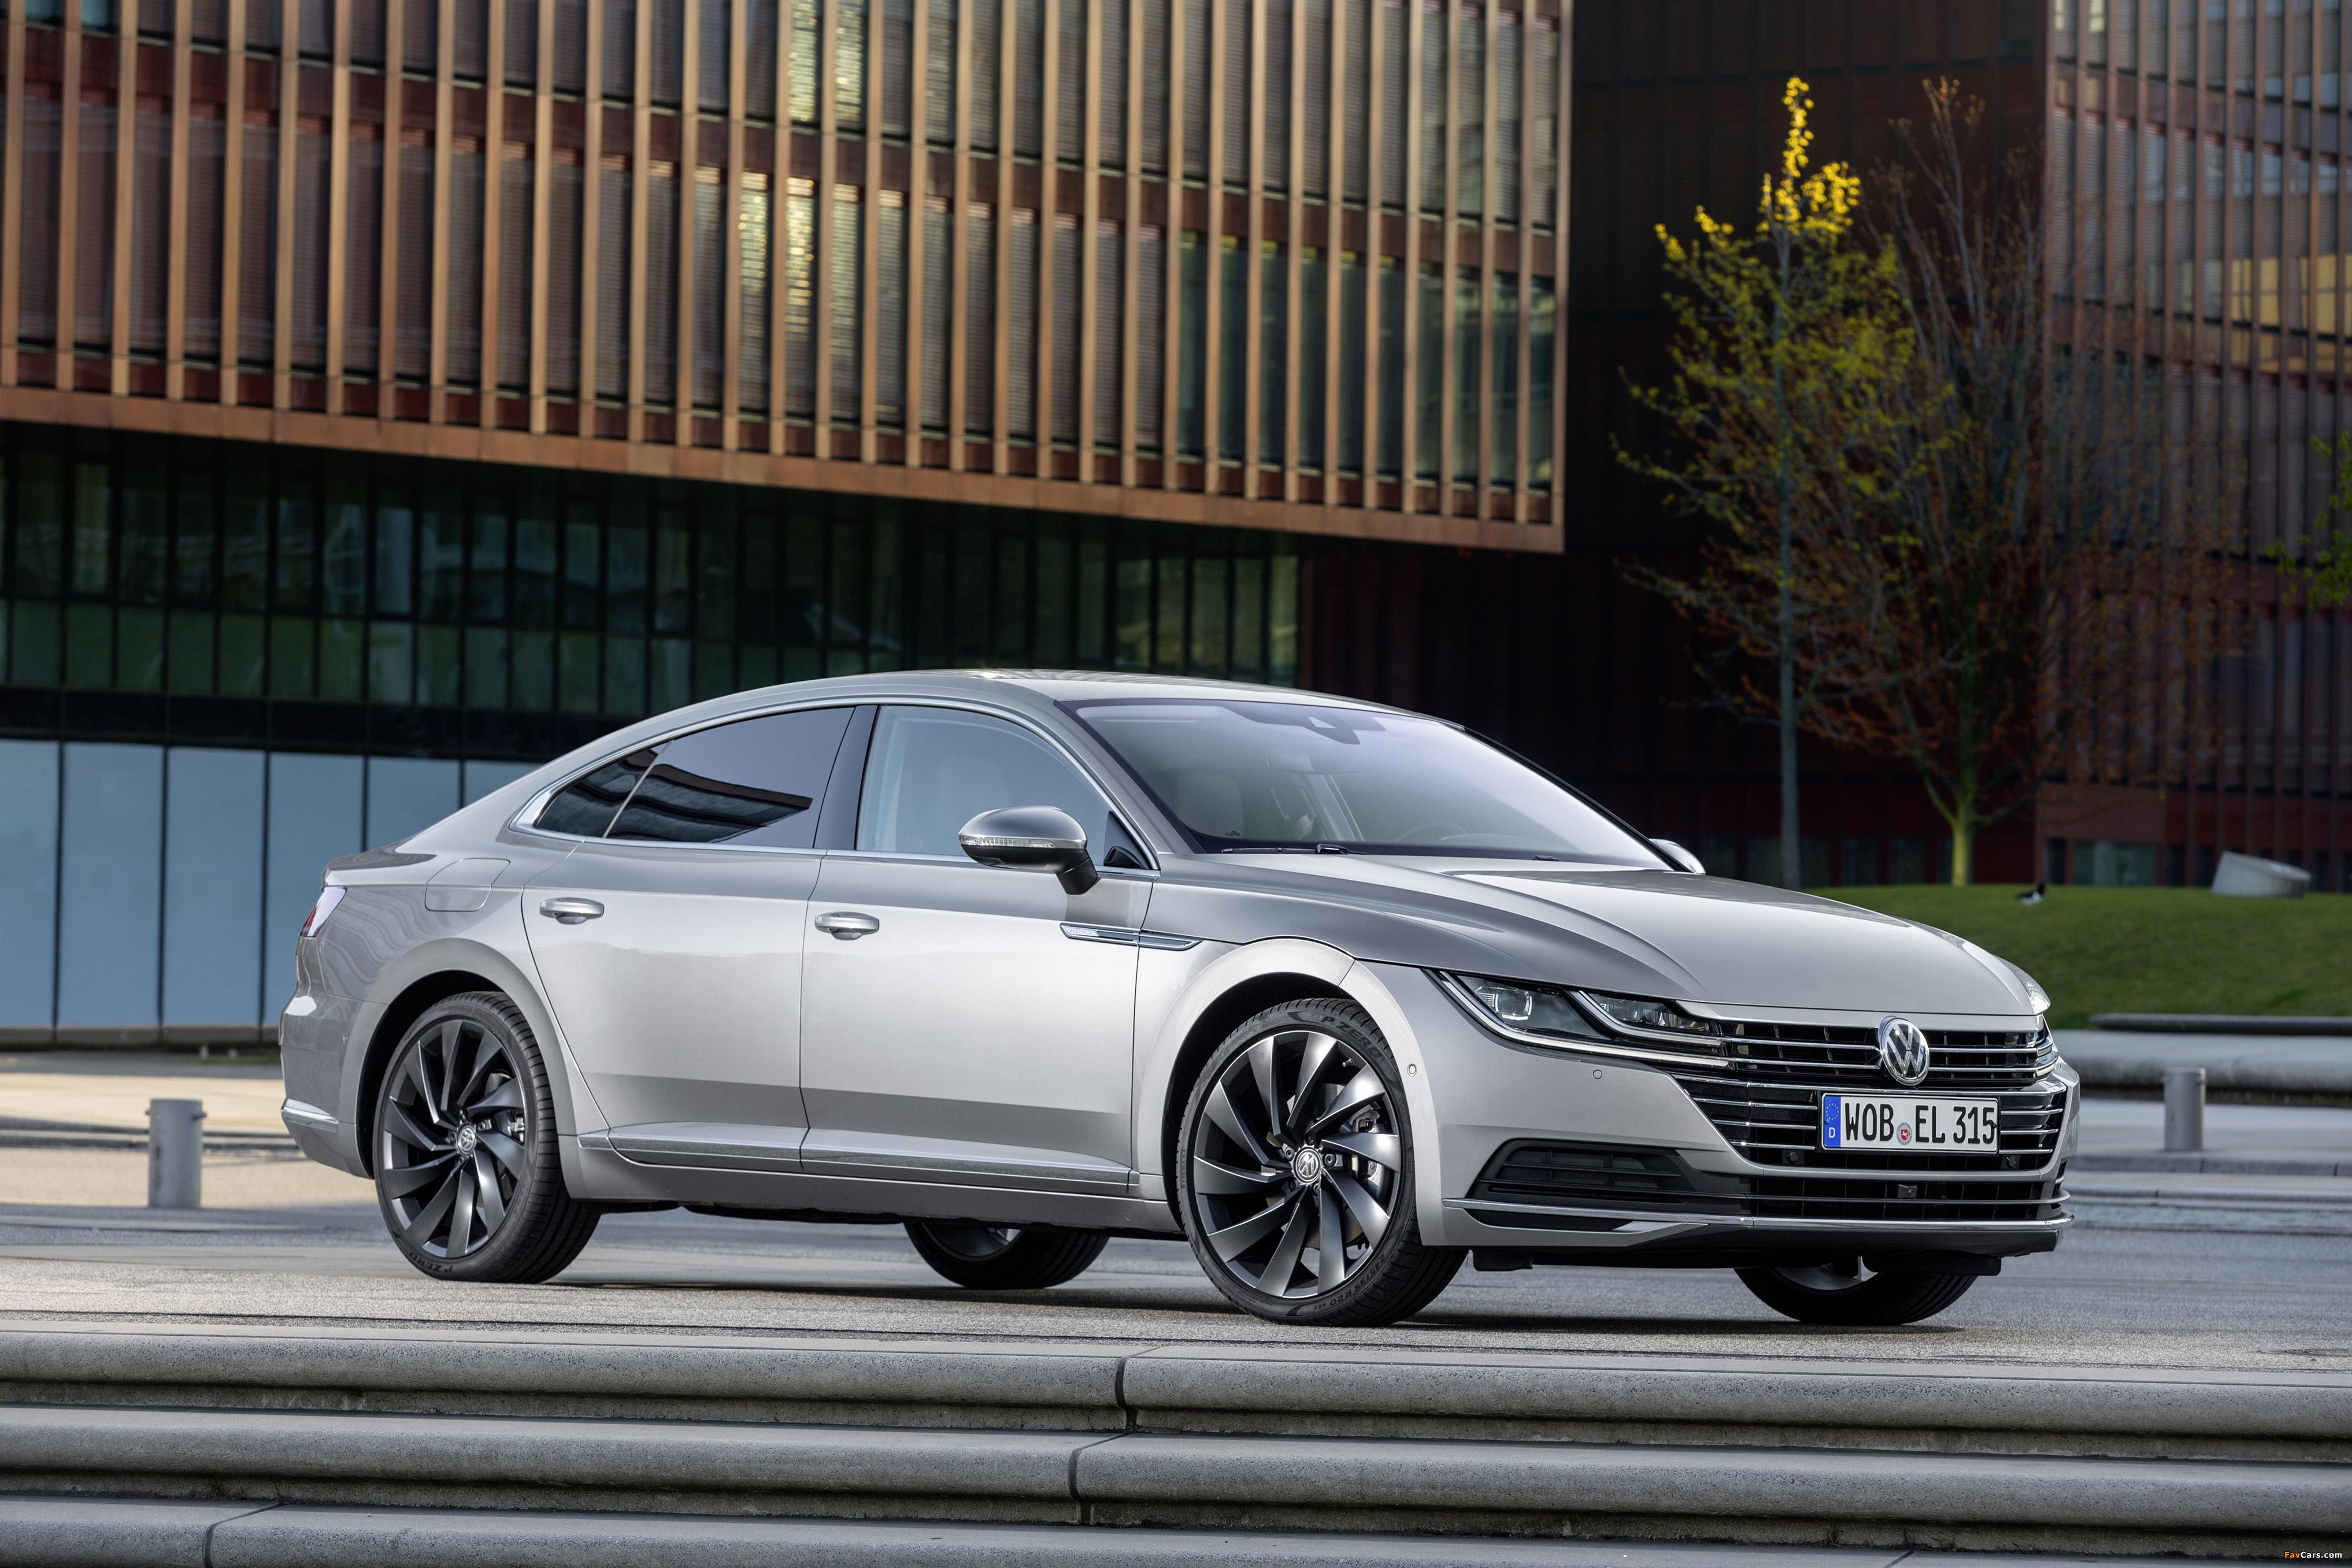 Volkswagen Arteon Elegance 2017 pictures (4069 x 2713)